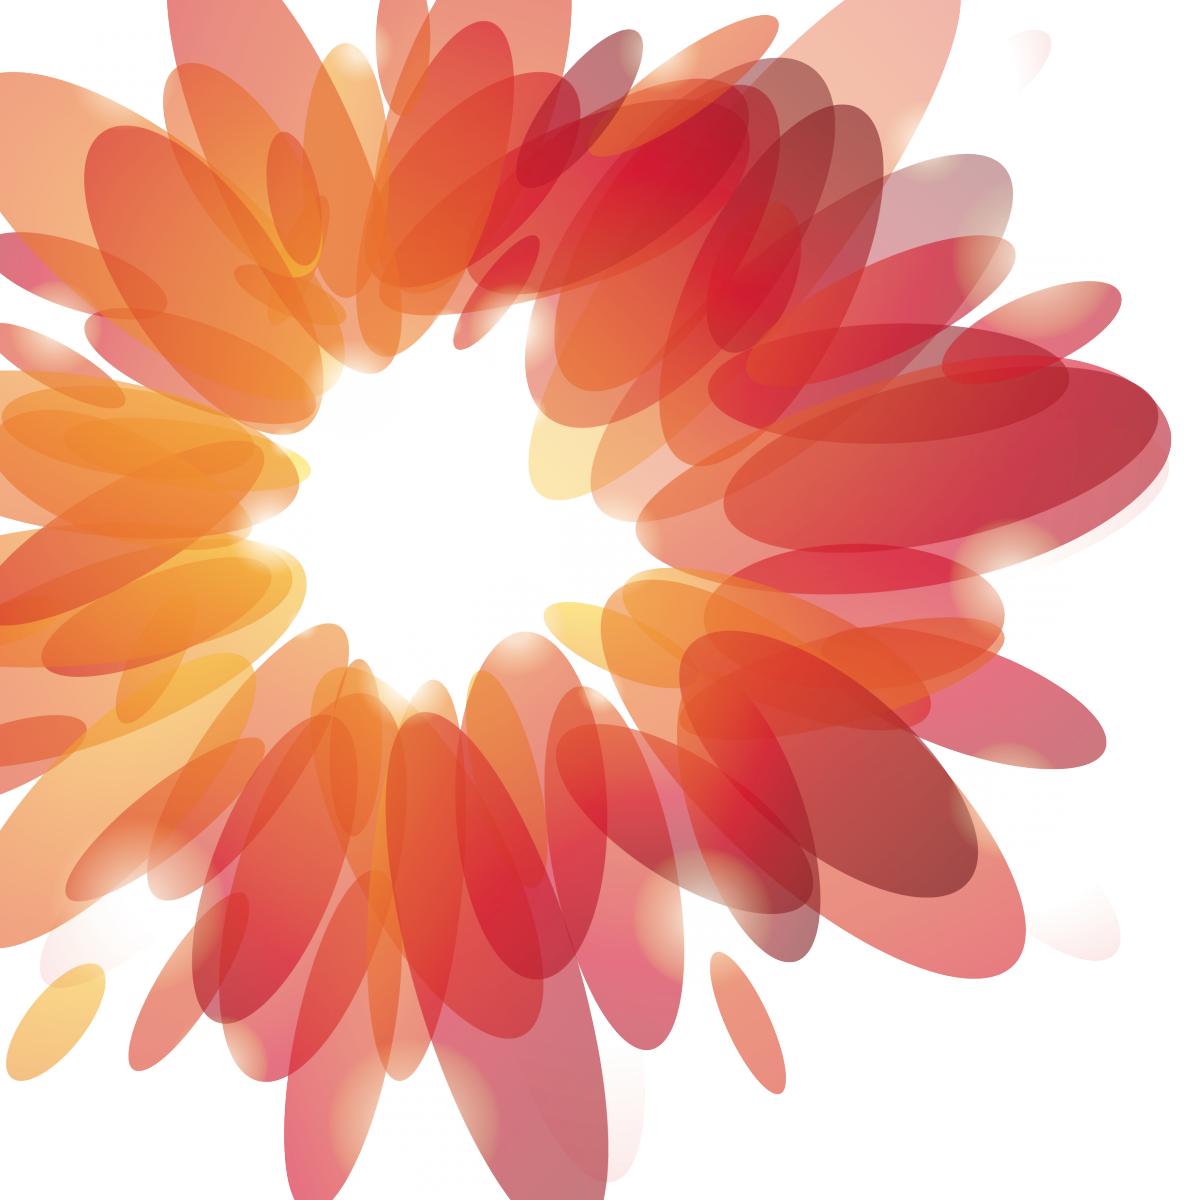 Sticker colorato per muro o vetro livingdeco 39 for Decorazione floreale